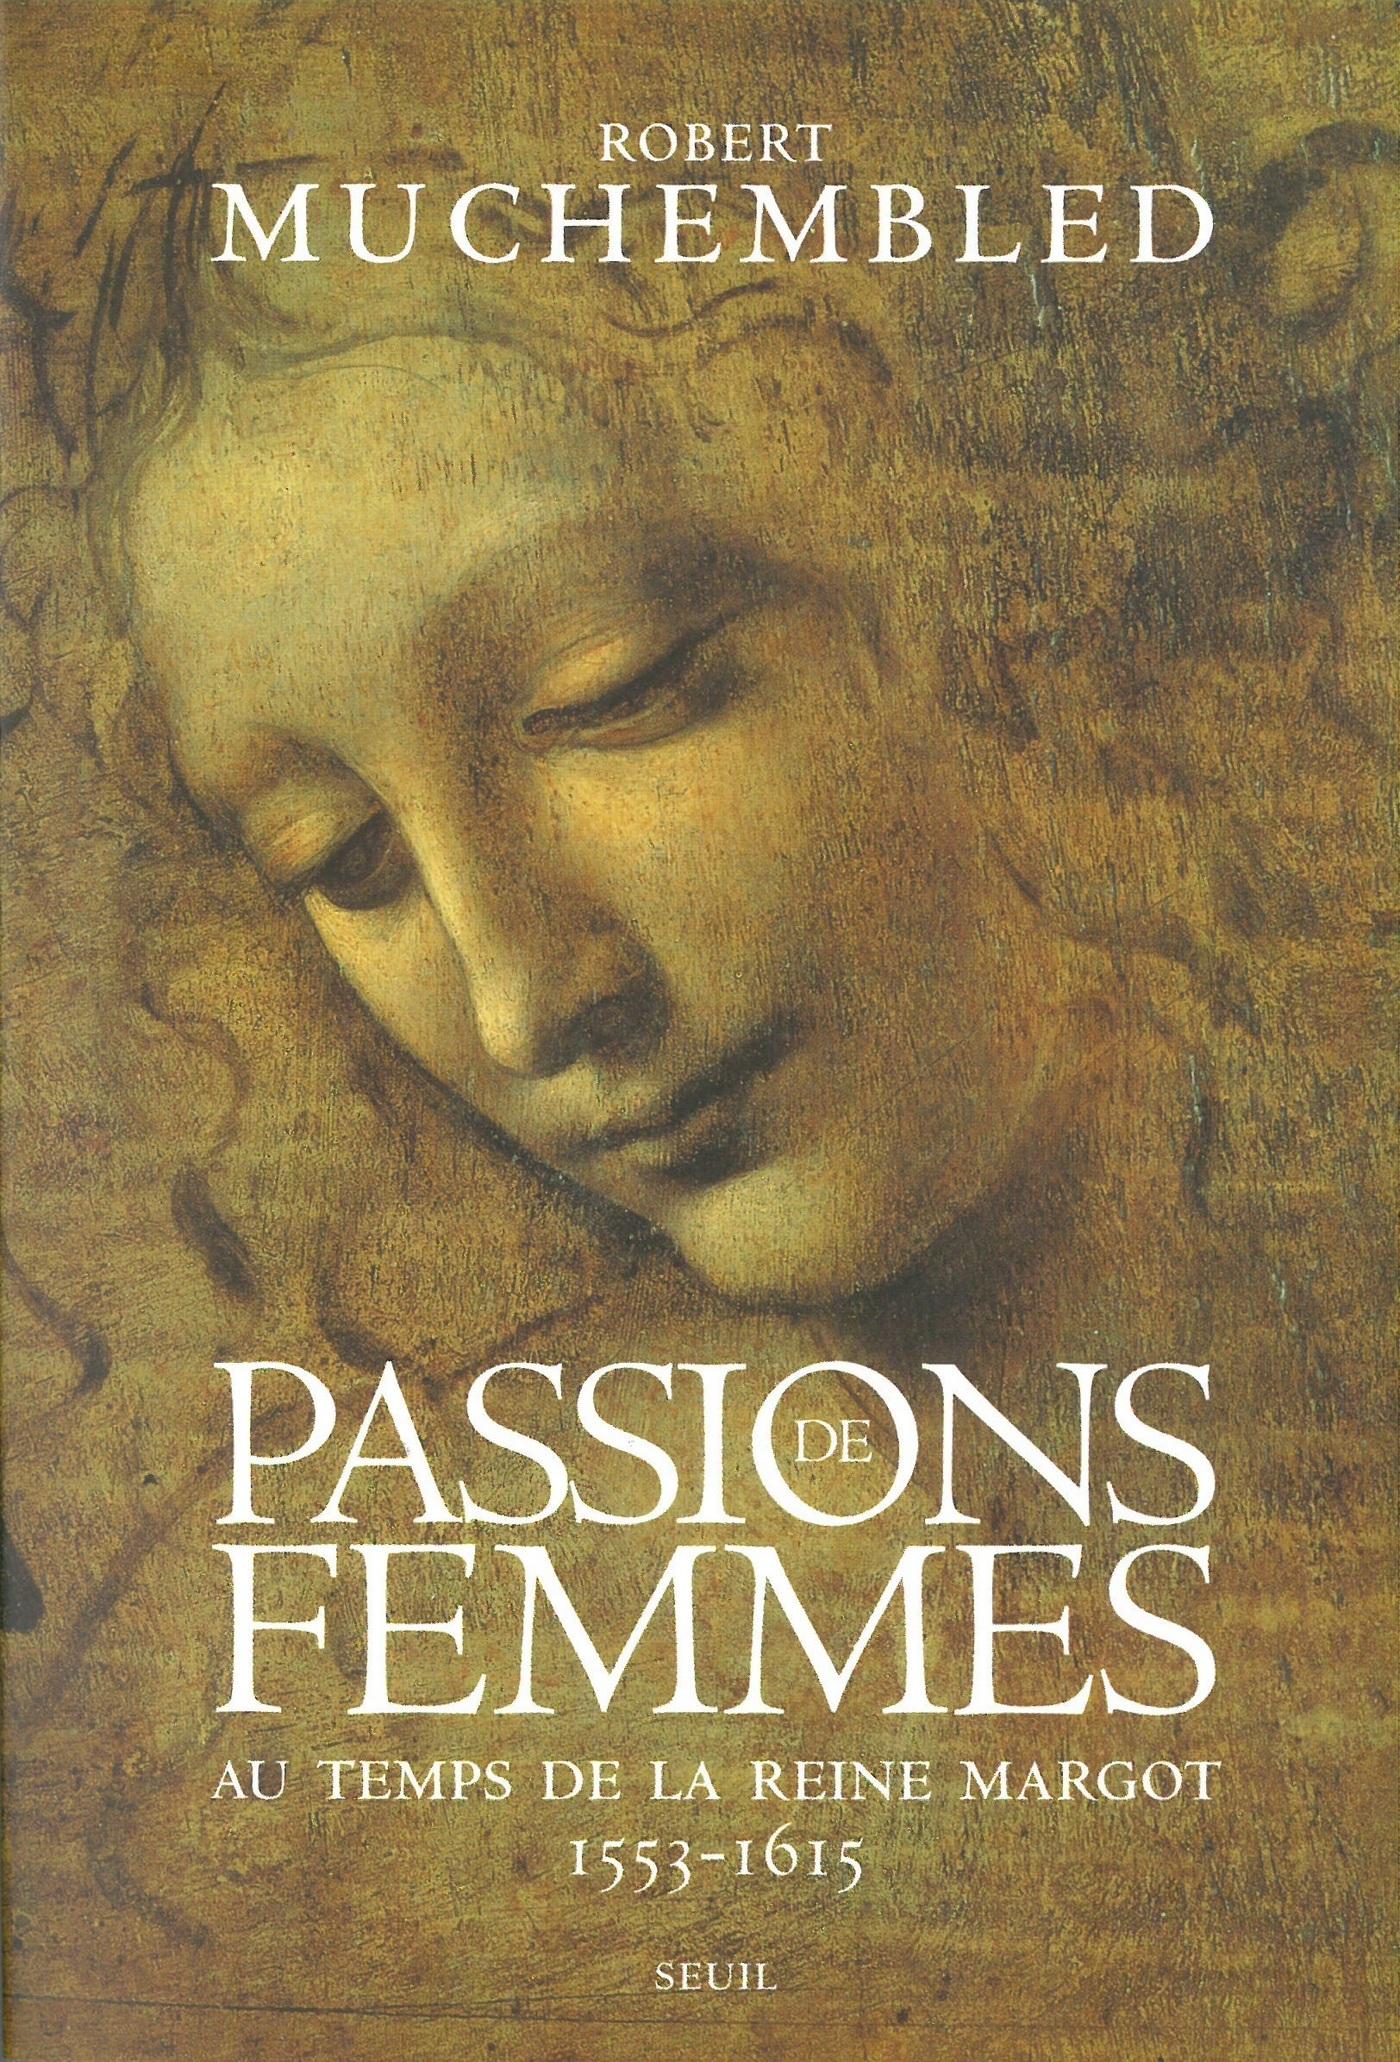 Passions de femmes au temps...